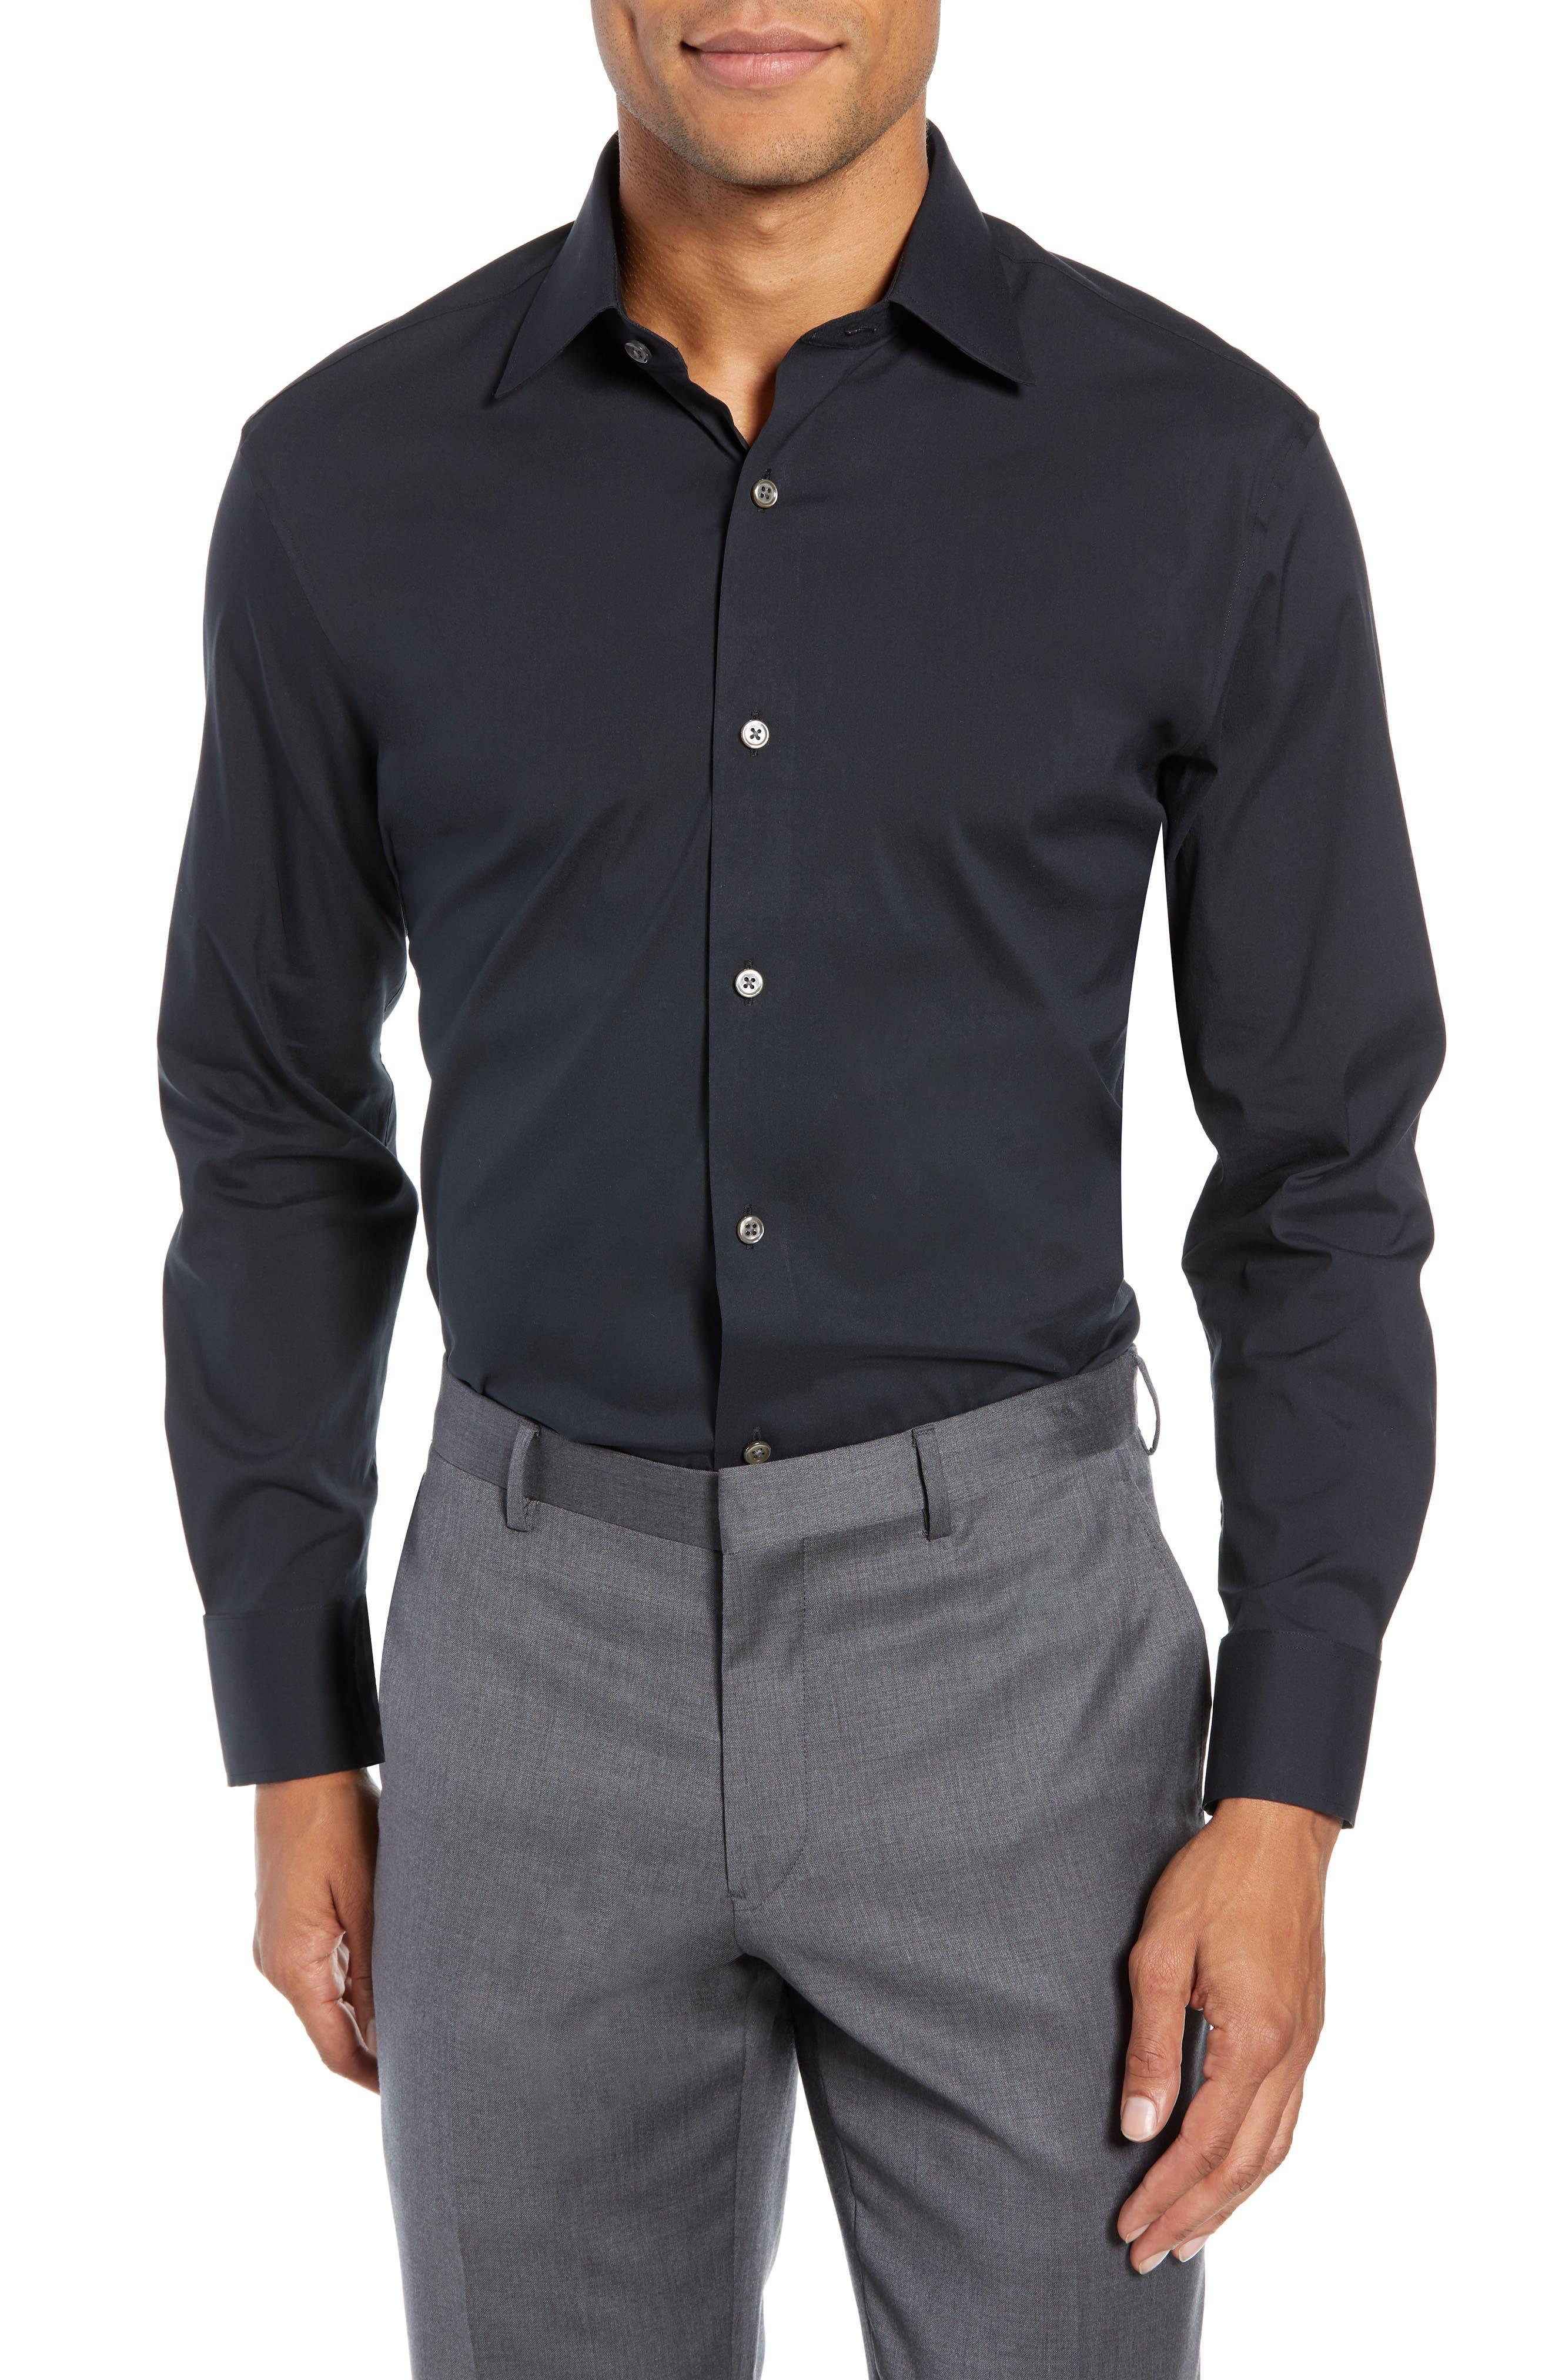 Jetsetter Slim Fit Solid Dress Shirt,                         Main,                         color, BLACK